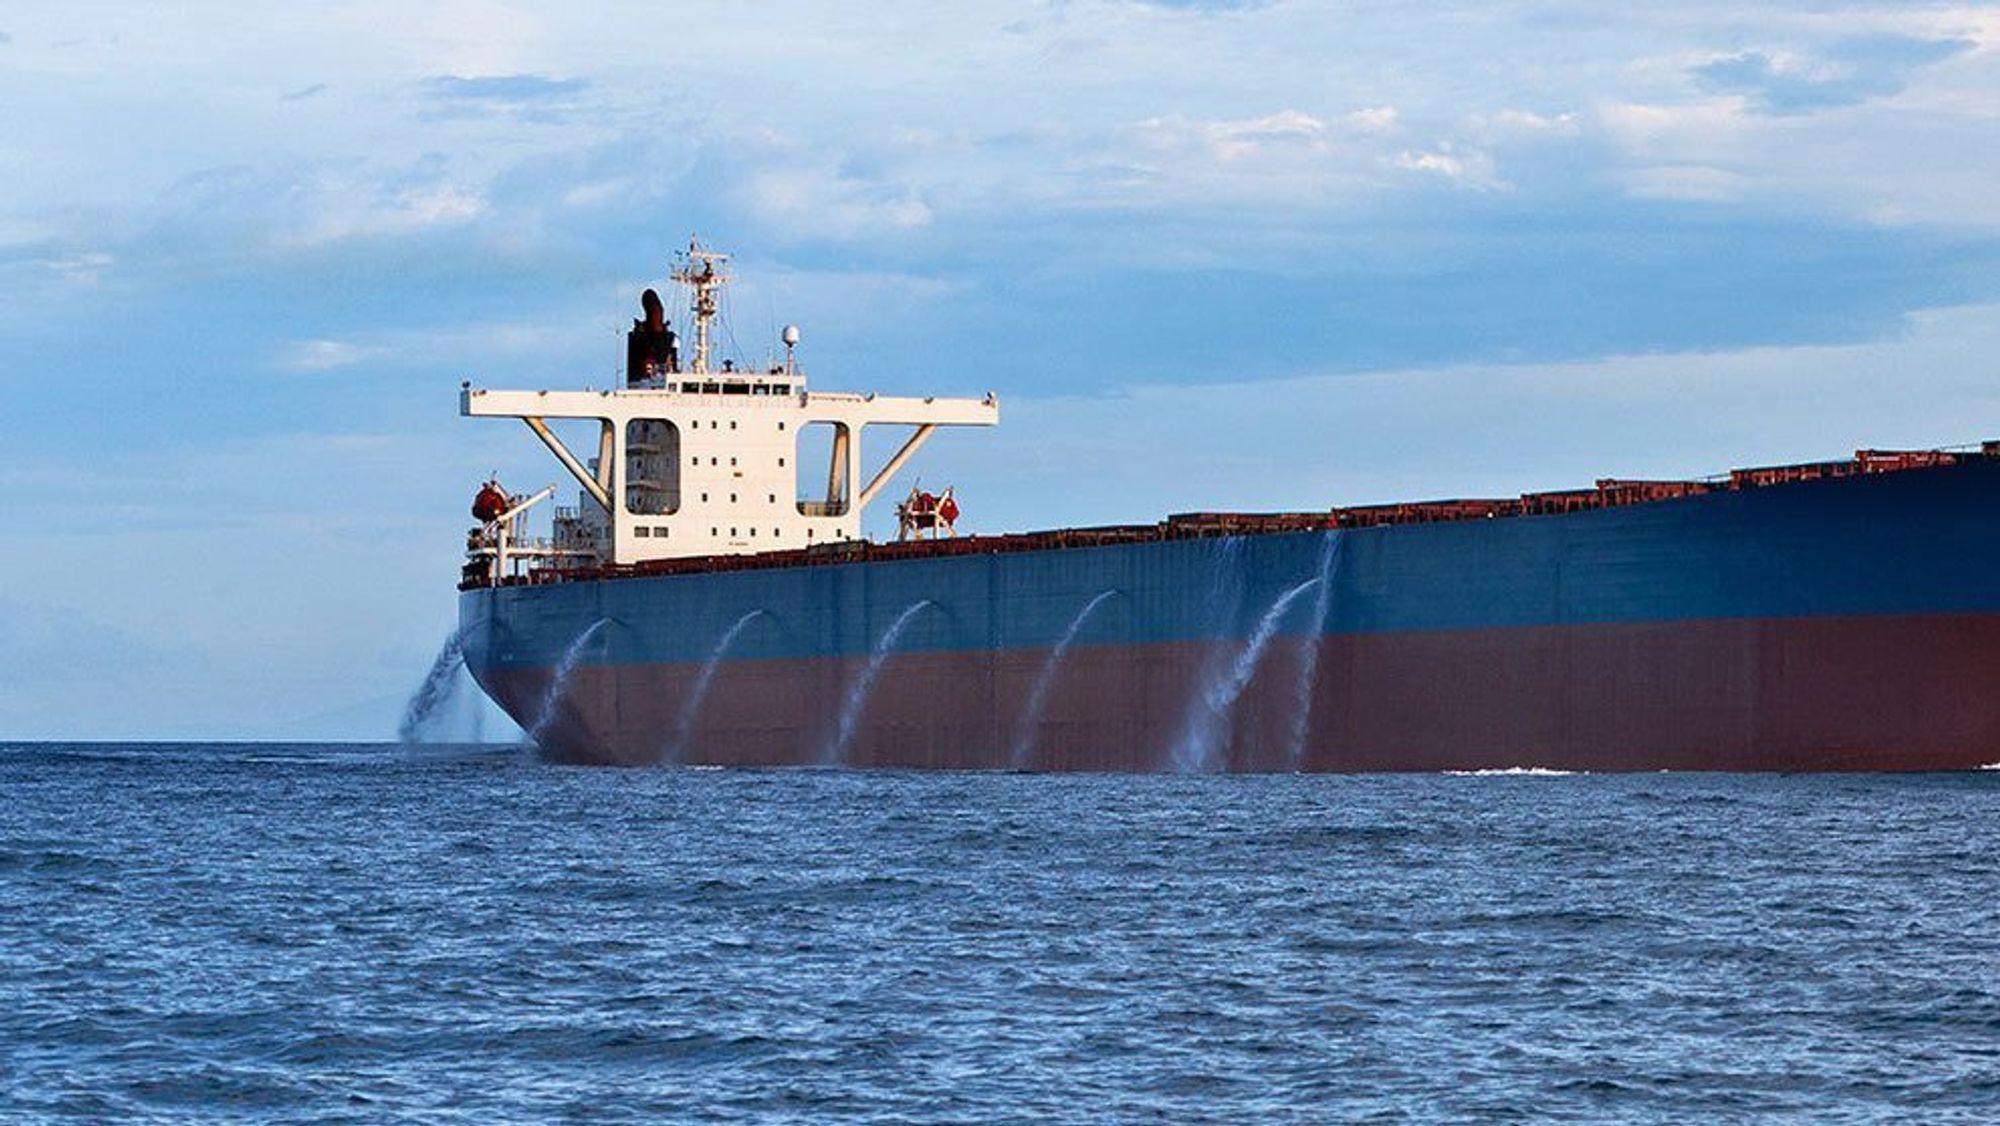 Erna Solberg er bekymret over at store områder i verdenshavene er uten reguleringer mot dumping av ballastvann, forsøpling og overfiske.